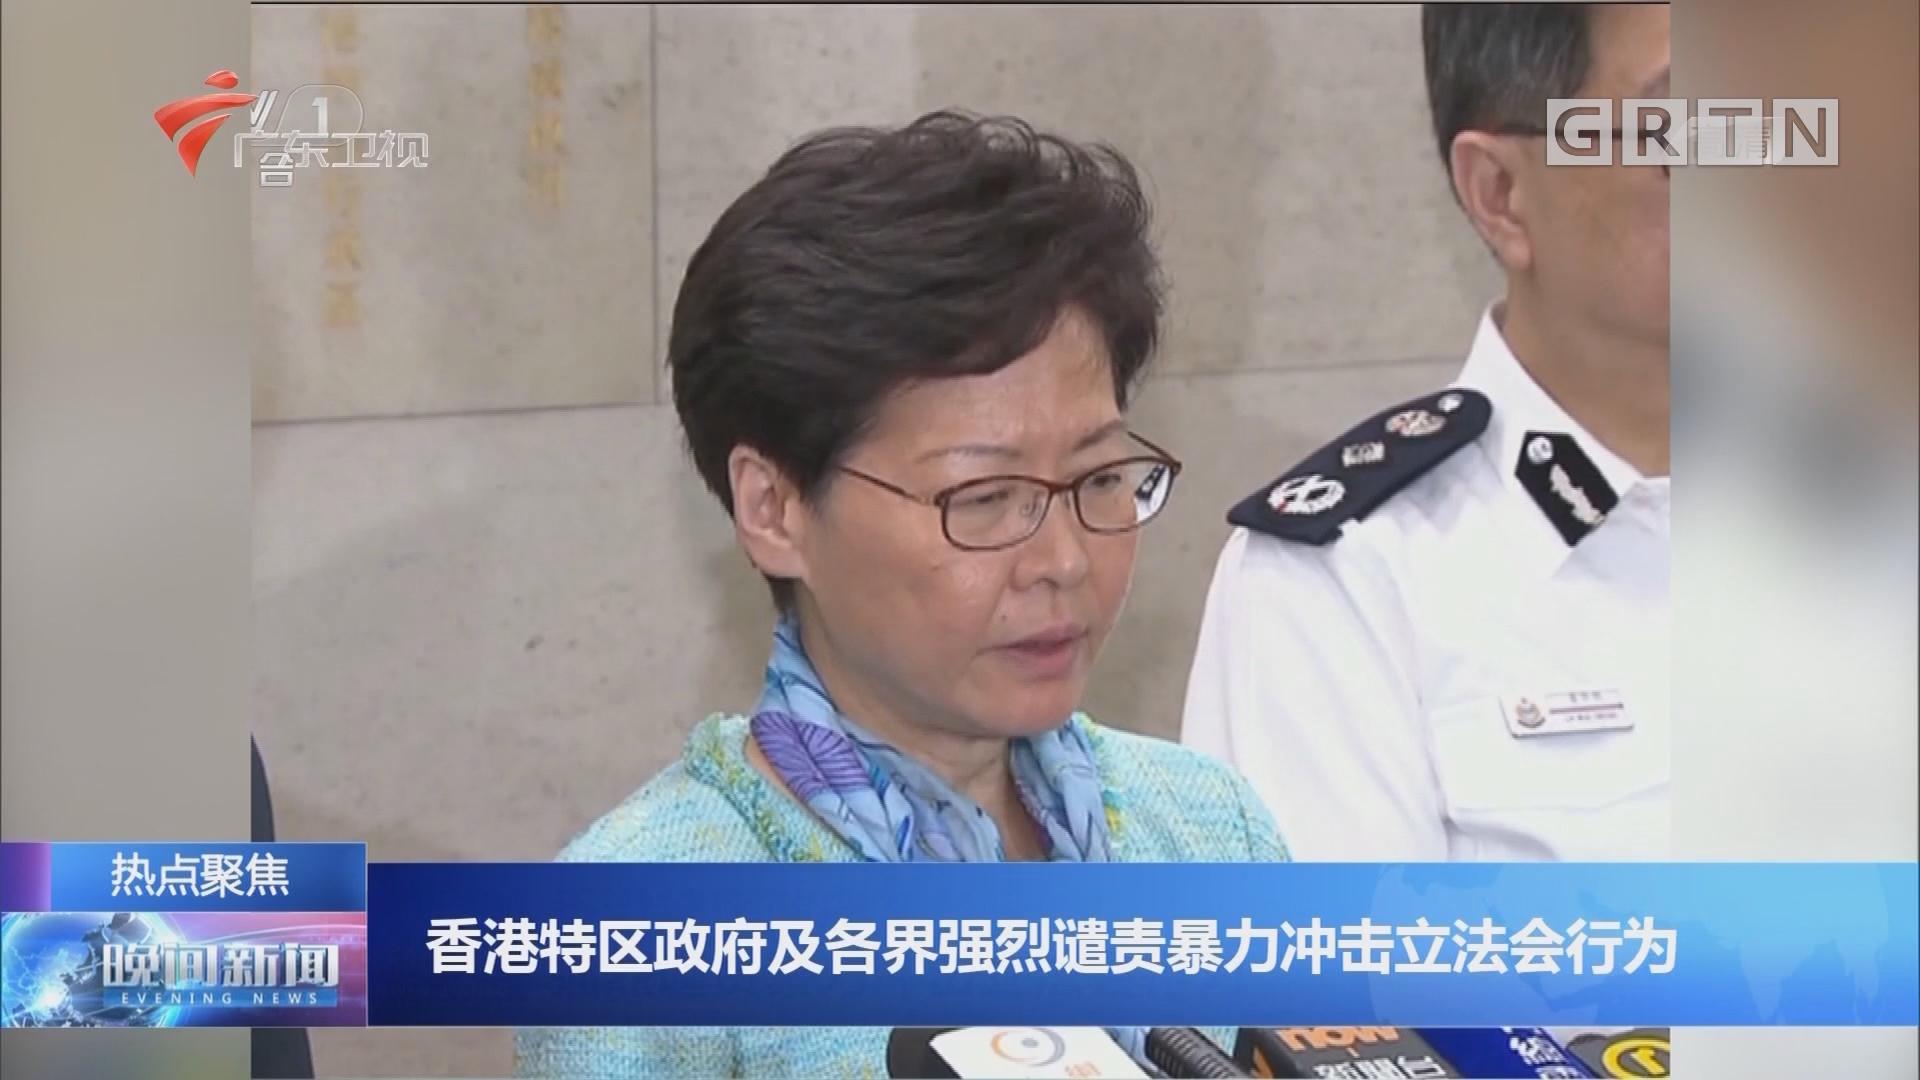 香港特区政府及各界强烈谴责暴力冲击立法会行为